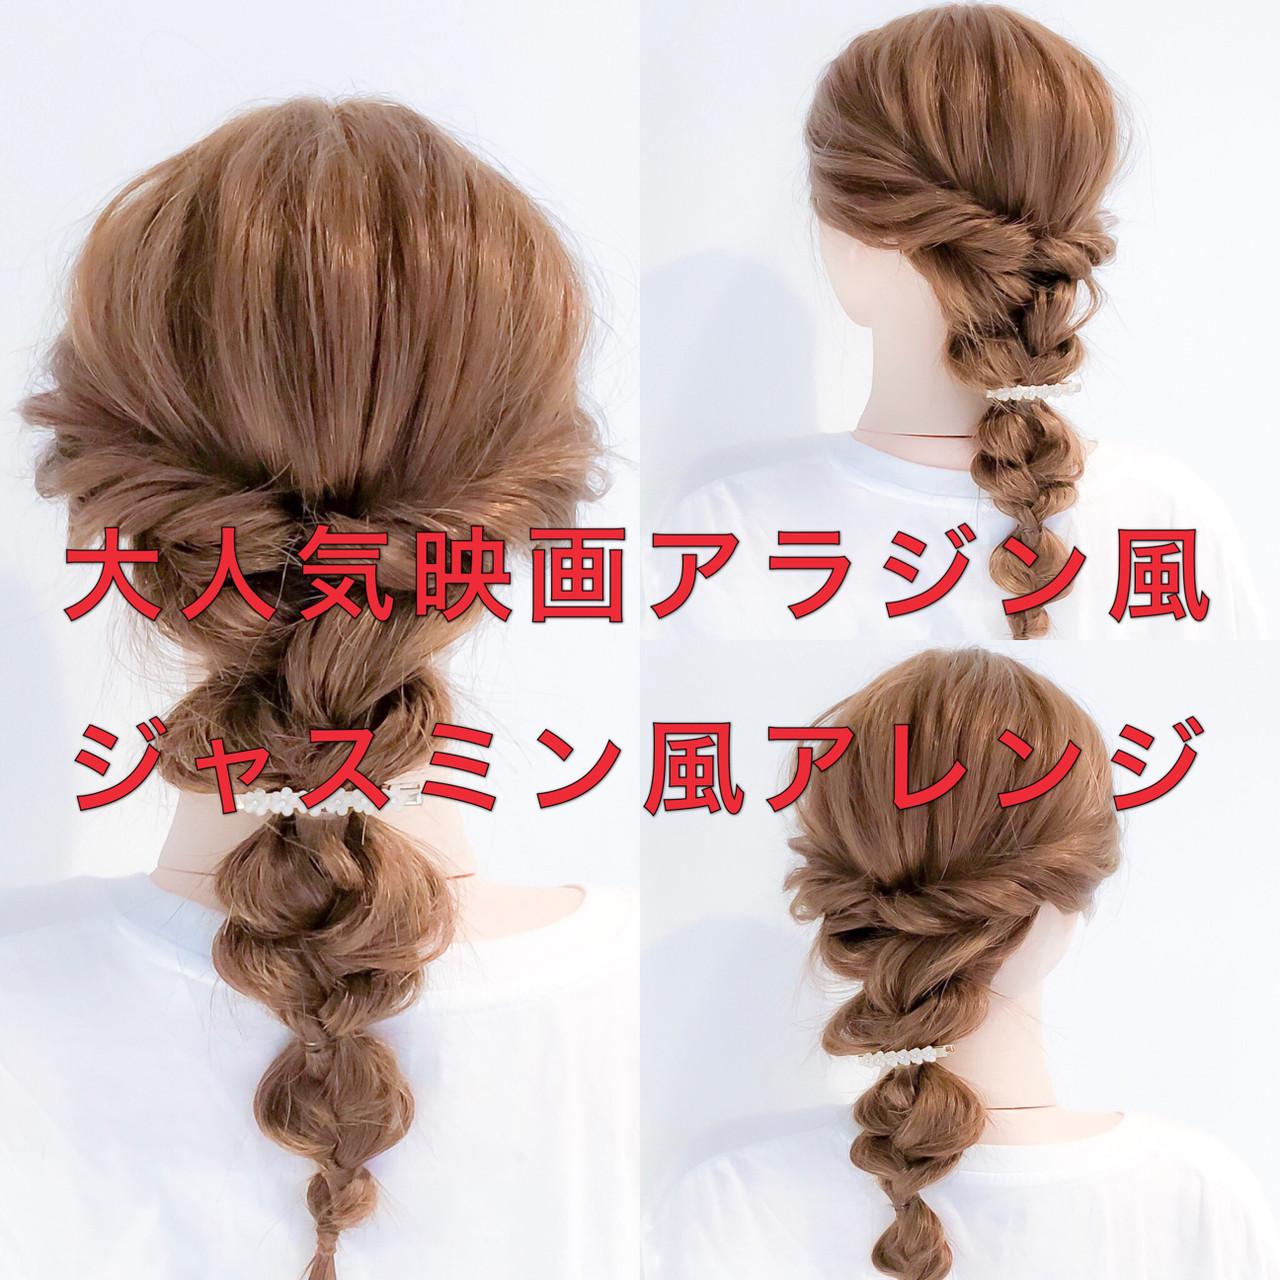 今年注目のハロウィンヘアアレンジ特集!衣装・メイクに合わせて髪型も変身♡